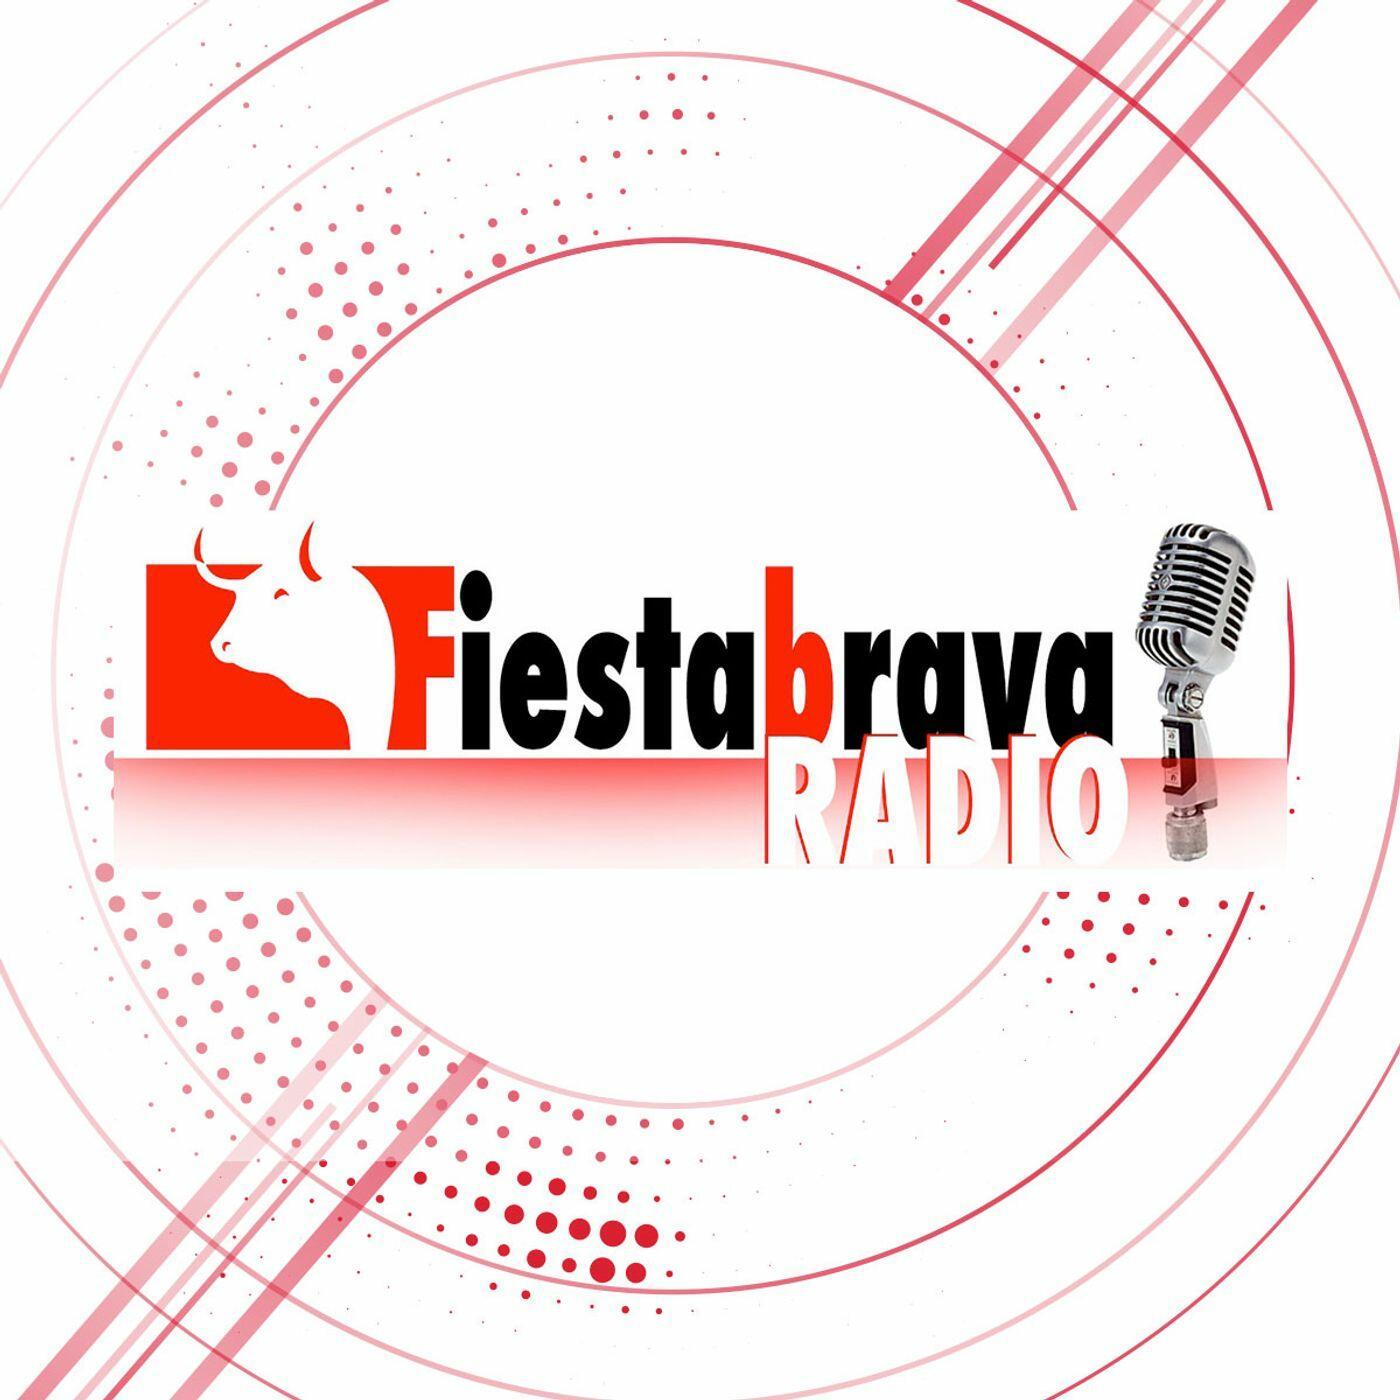 Listen to the Fiesta Brava Episode - Novilladas en la México y en en Guadalajara Fiesta Brava Domingo 29 de Septiembre 2019 on iHeartRadio | iHeartRadio